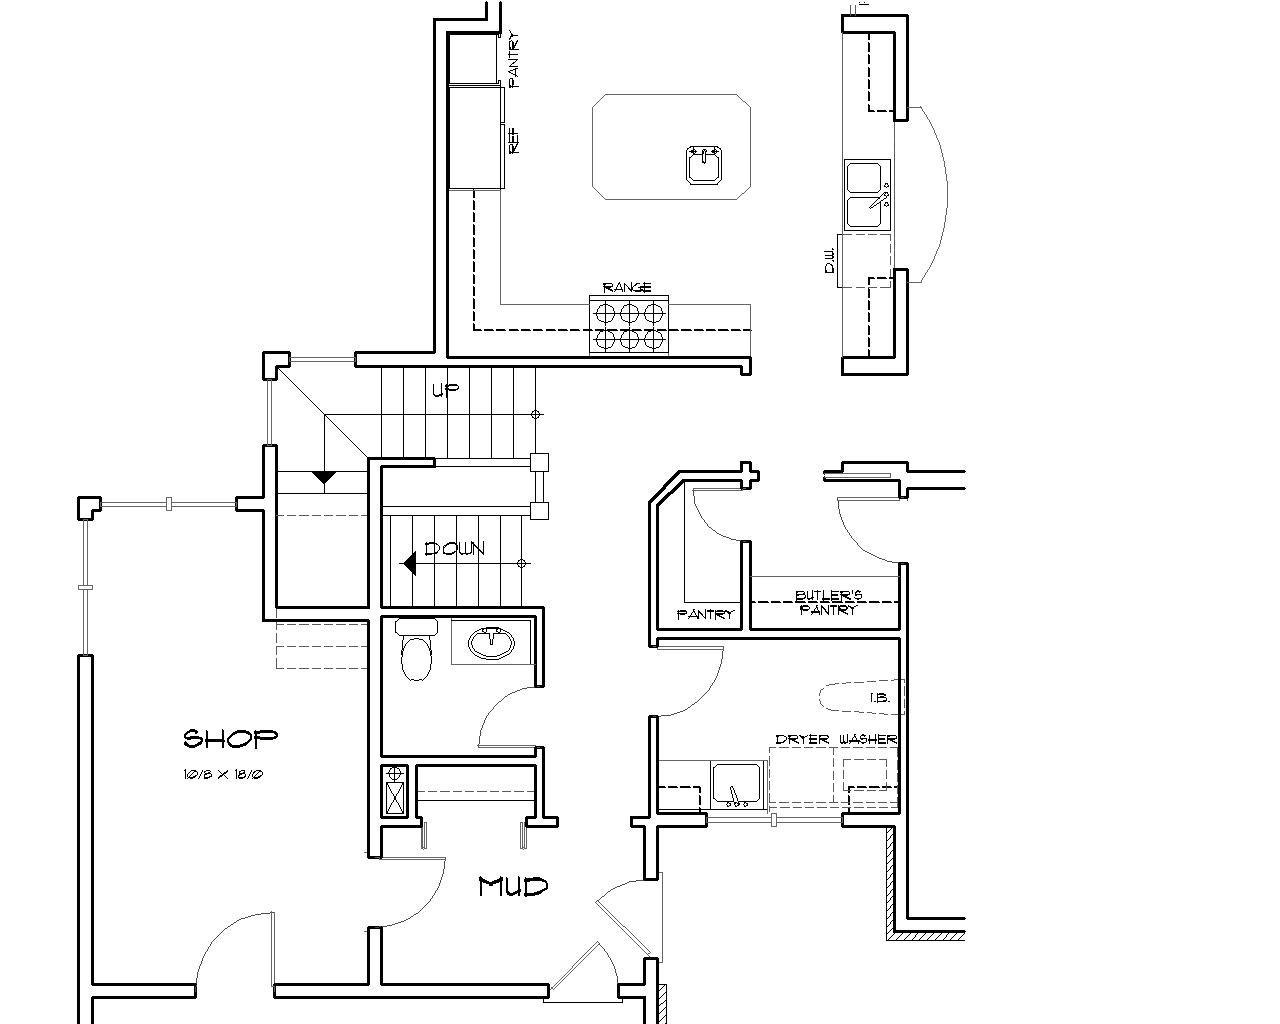 House Groveland House Plan